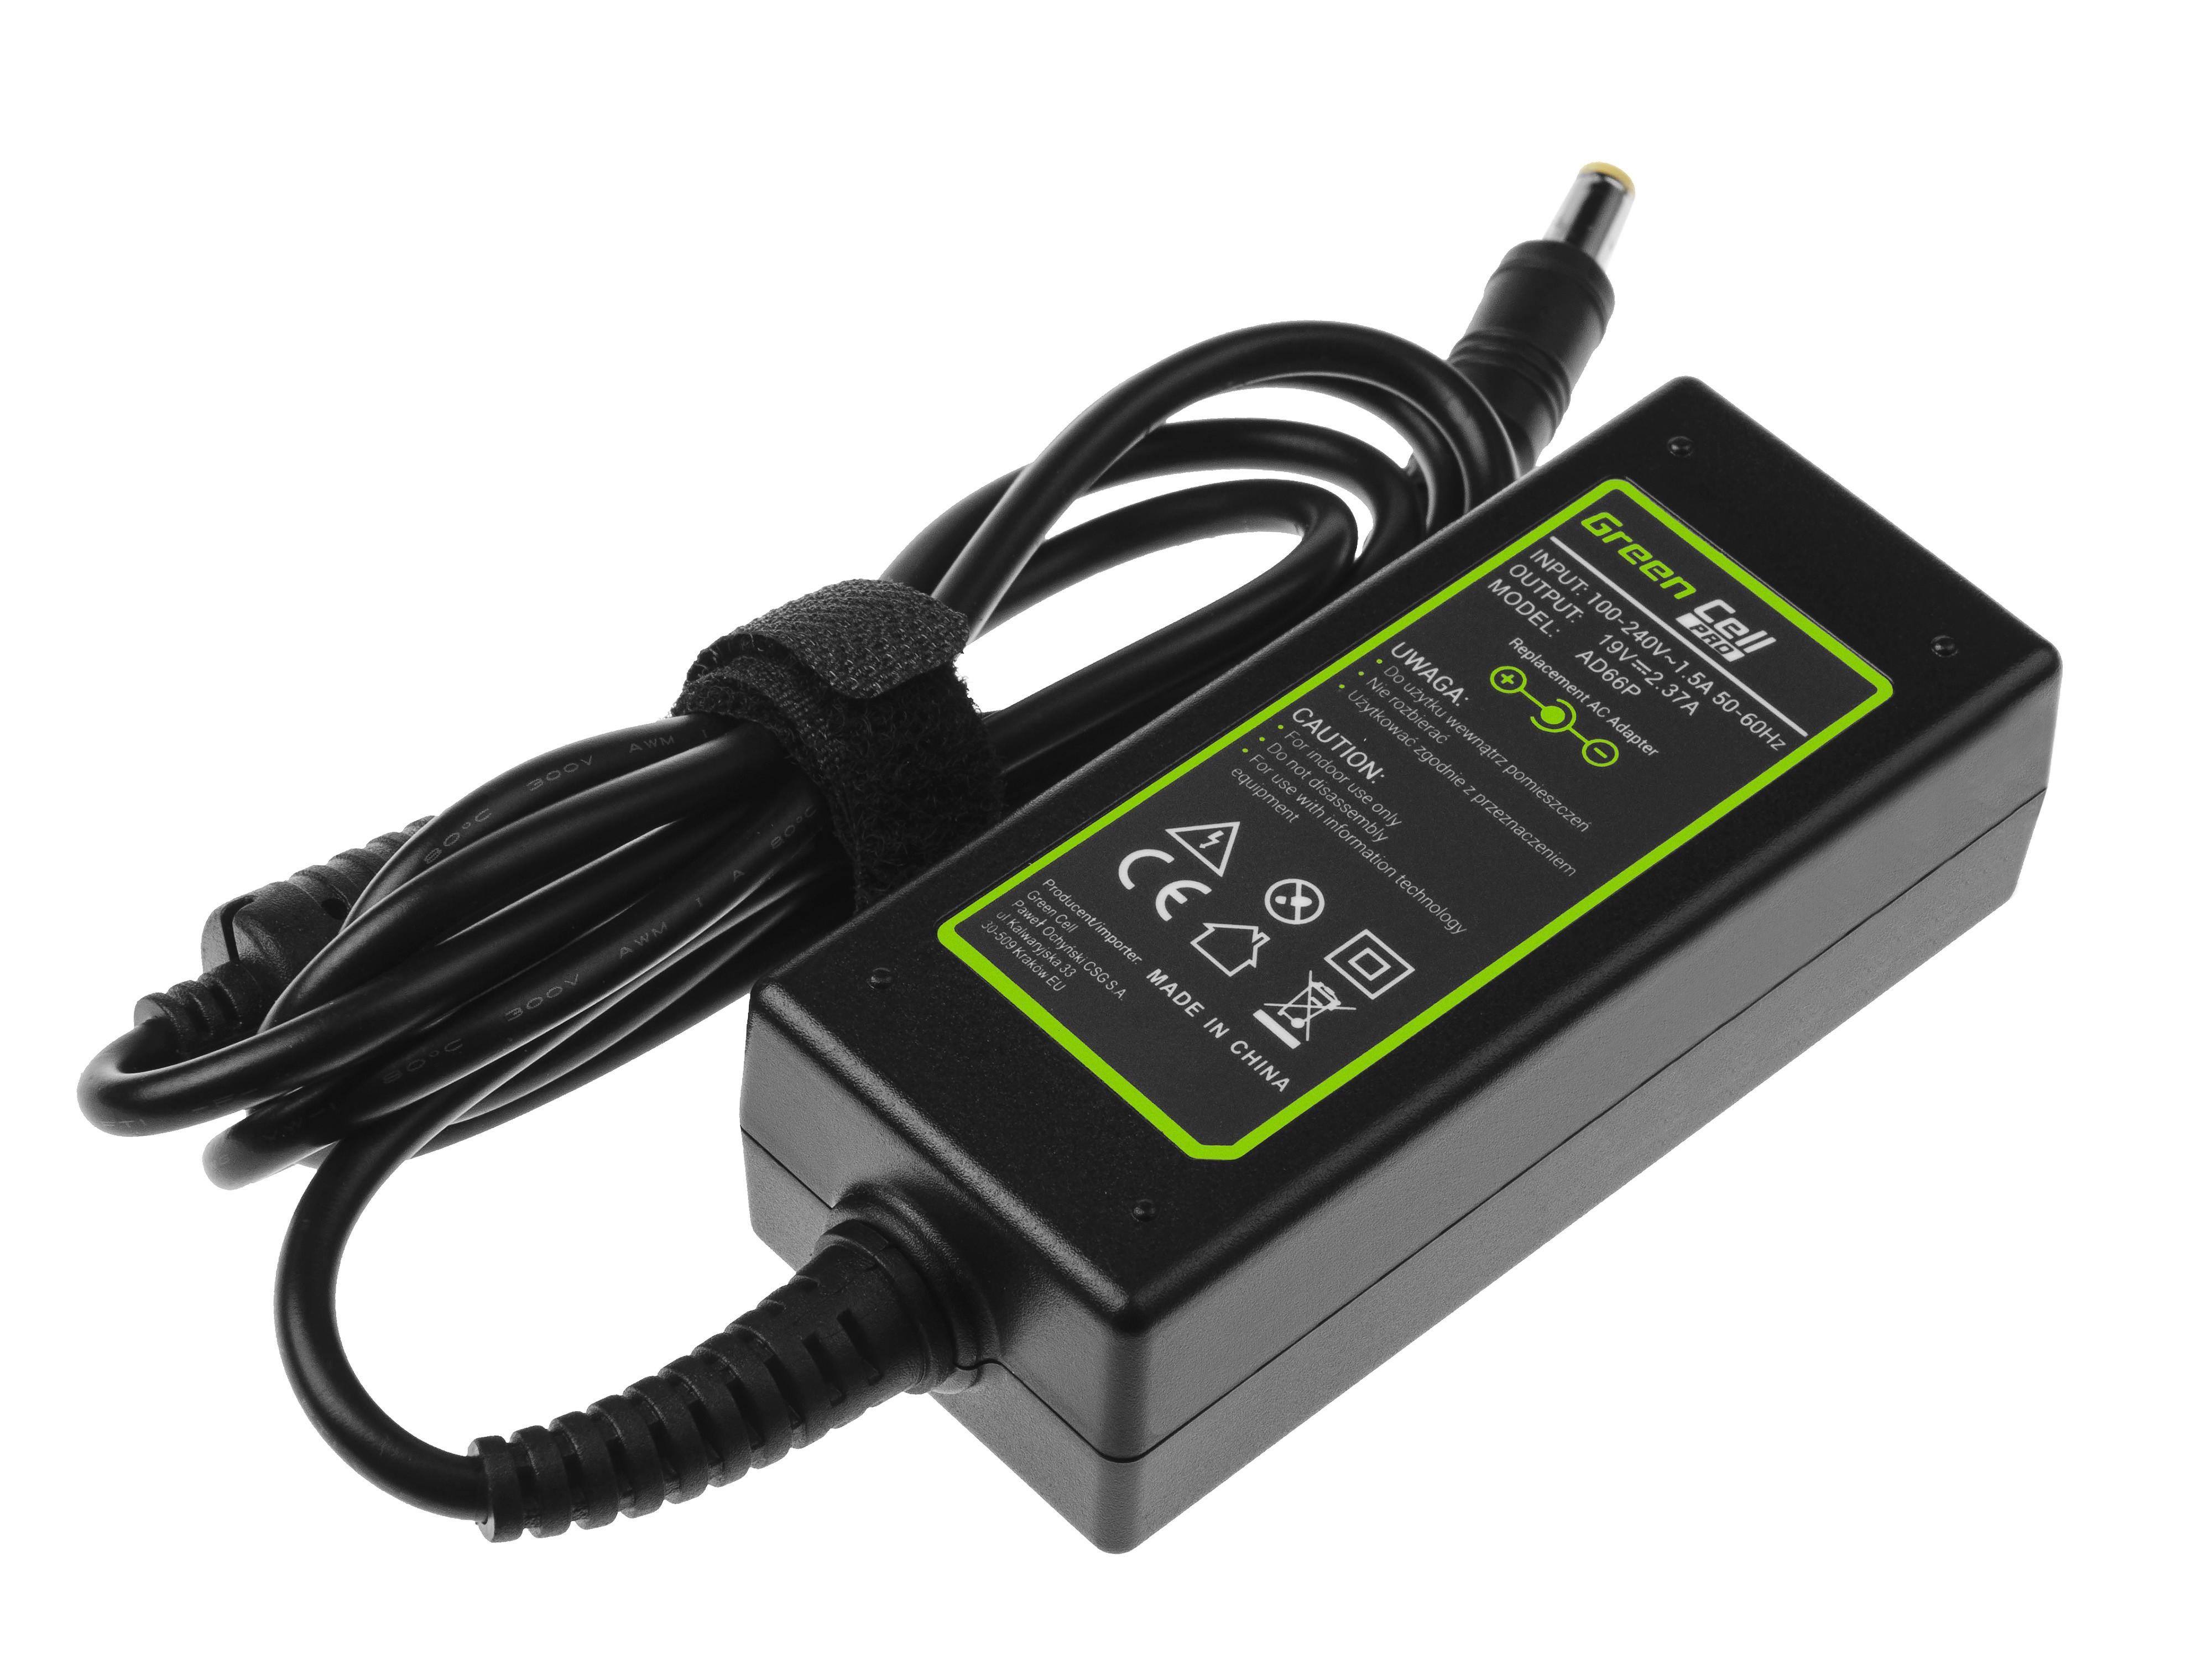 Green Cell PRO Charger for Acer Aspire E5-511 E5-521 E5-573 E5-573G ES1-131 ES V5-171 19V 2.37A 45W portatīvo datoru lādētājs